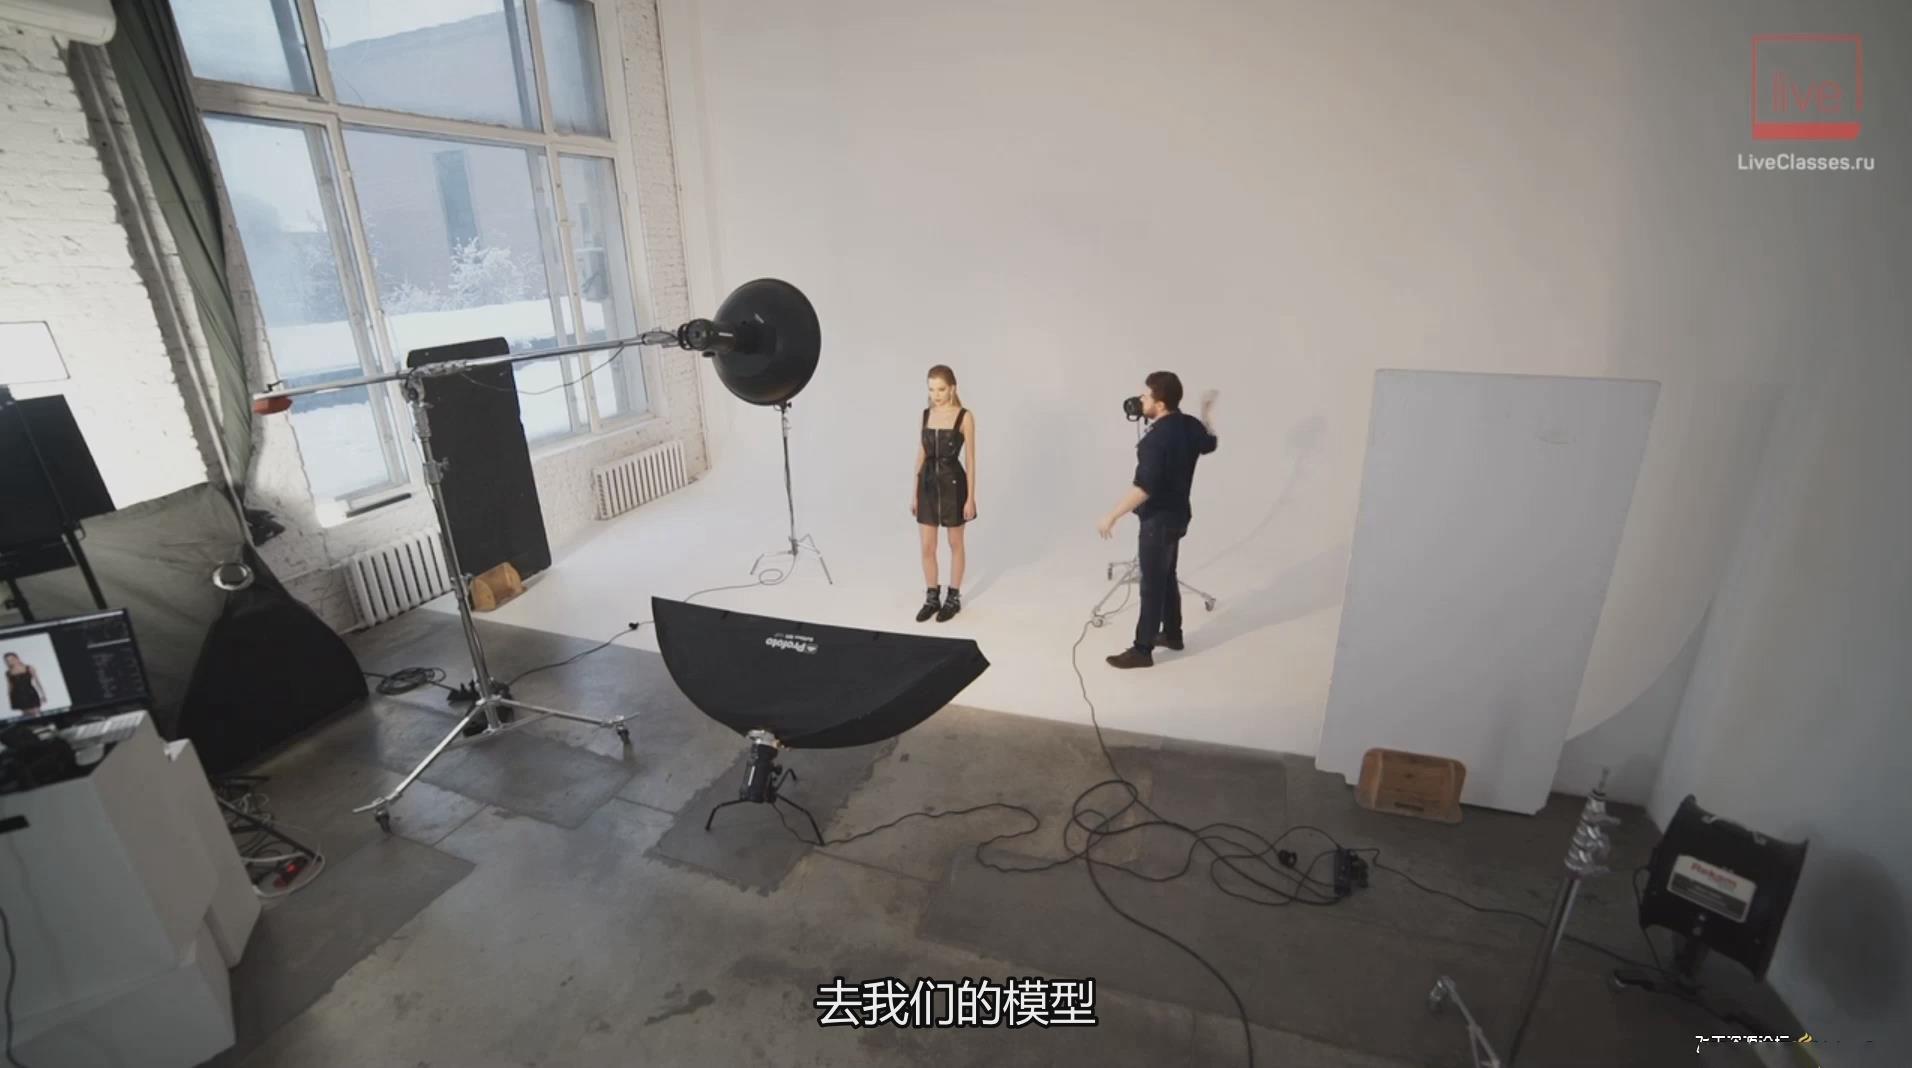 摄影教程_Liveclasses -Alexander Talyuka棚拍时尚杂志人像布光教程-中文字幕 摄影教程 _预览图9